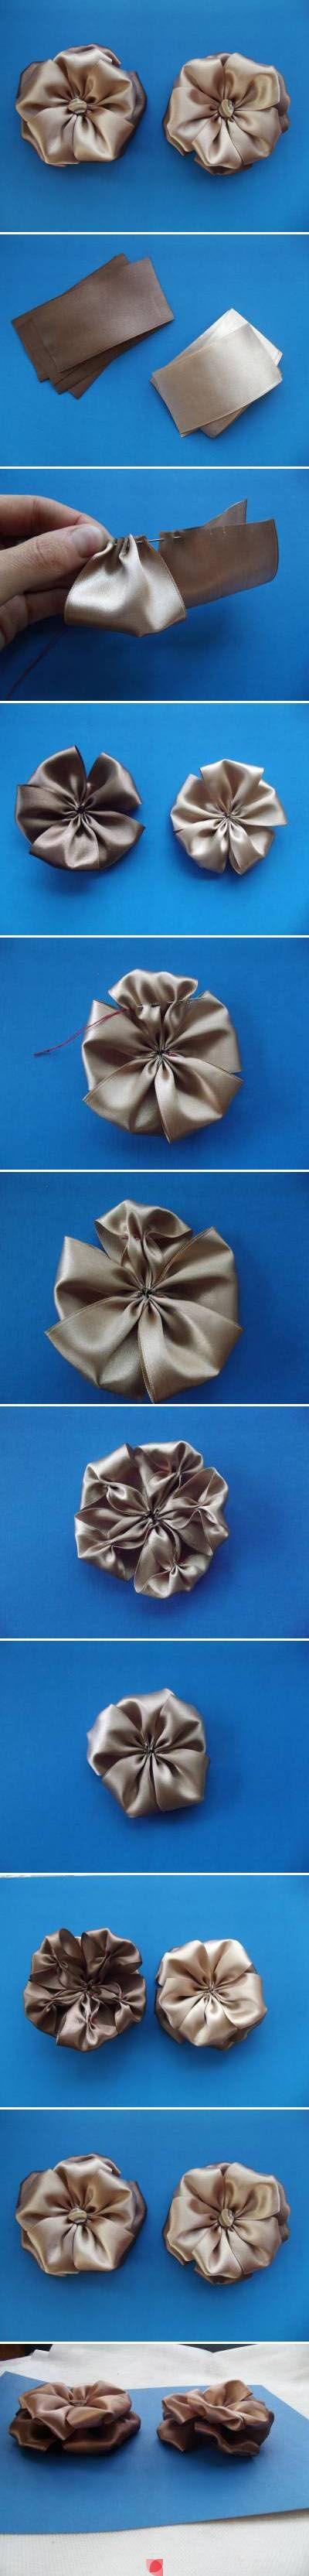 Virágok szalagból, selyemből #fabricbowtutorial